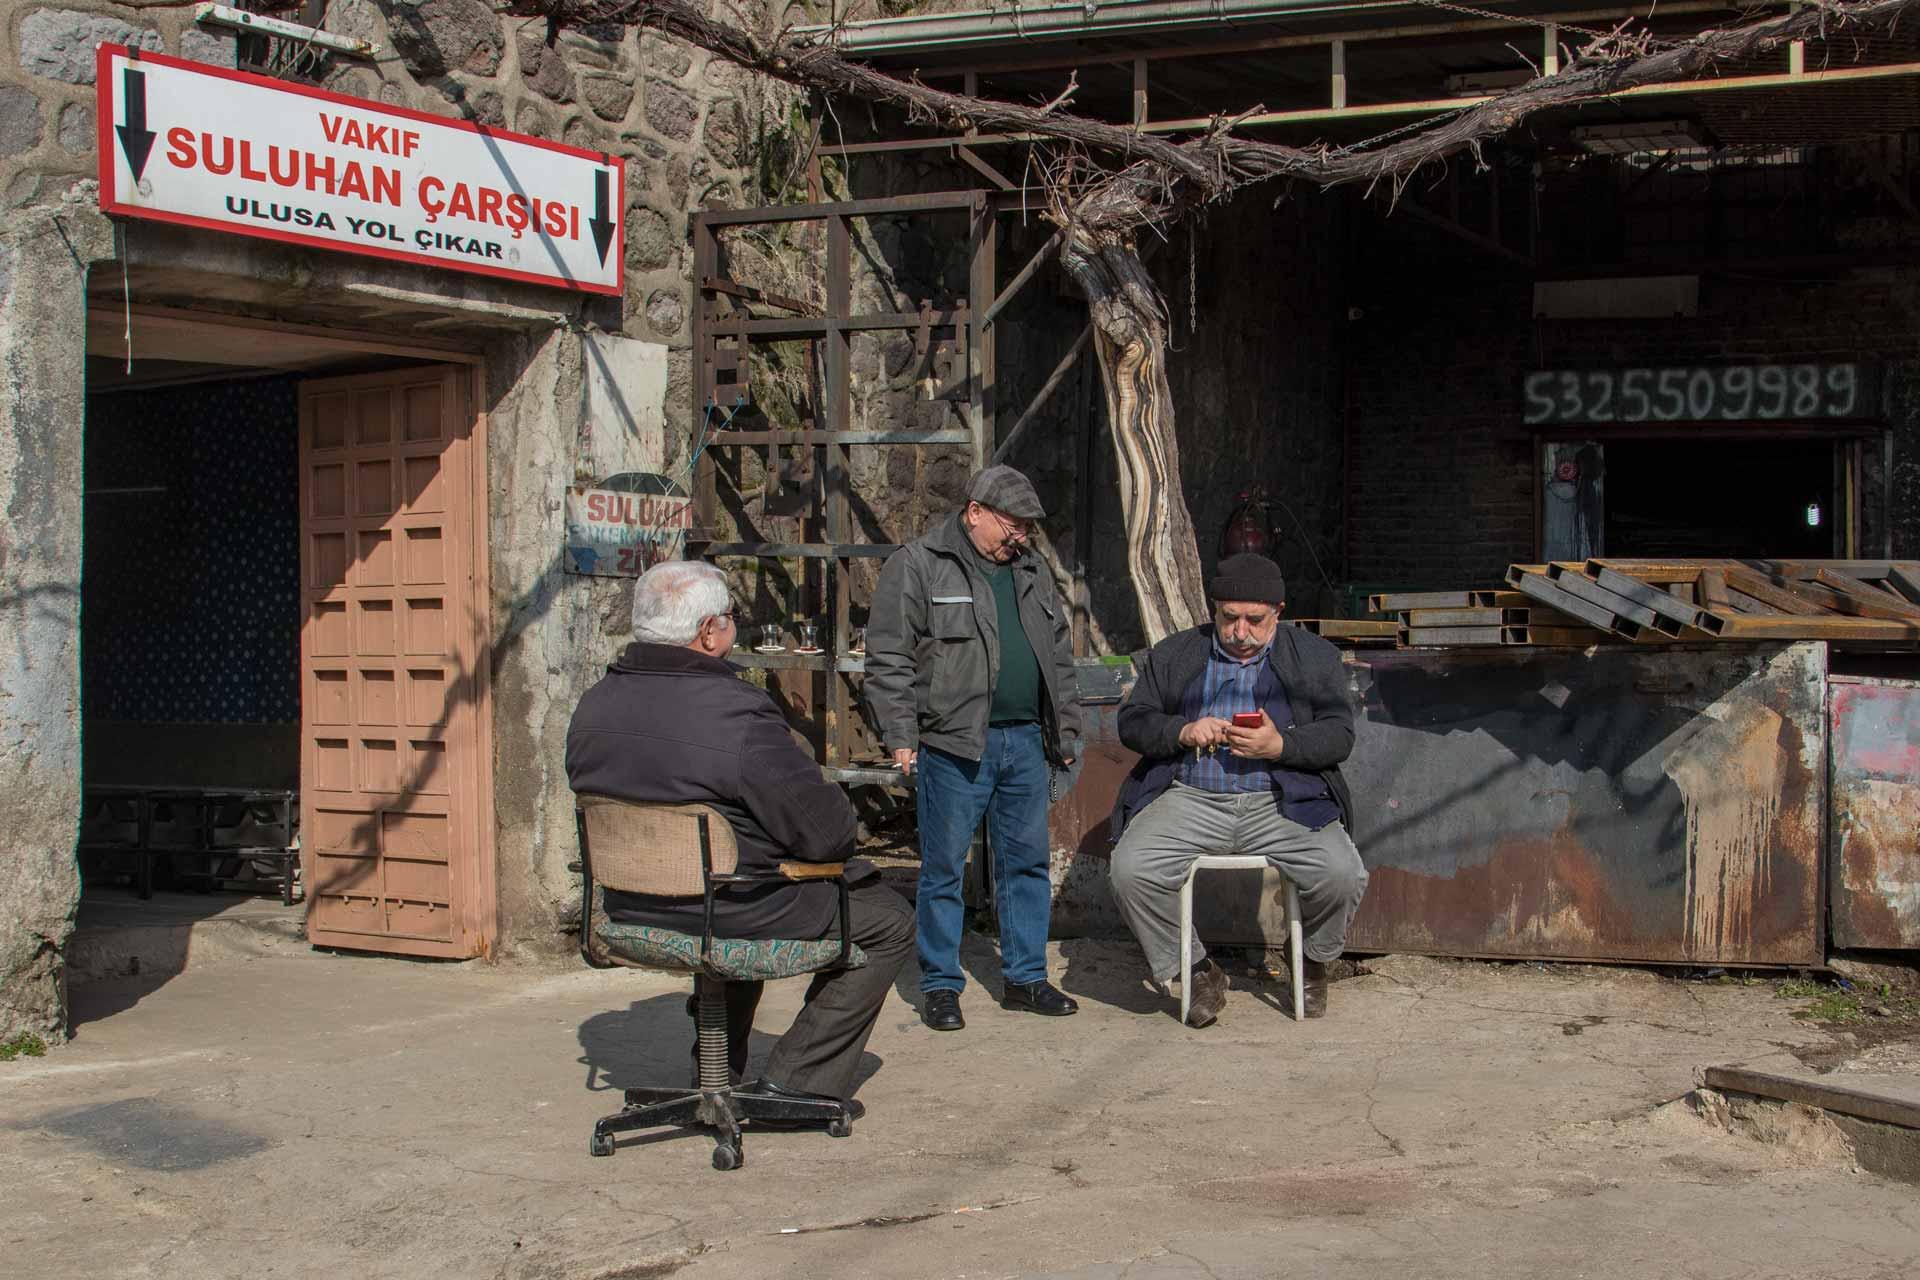 Suluhan Sohbetleri Ankara Fotoğrafları Ankara Sokakları Ankara Resimler Gezgin Fotoğrafçı Çekergezer Hakan Aydın